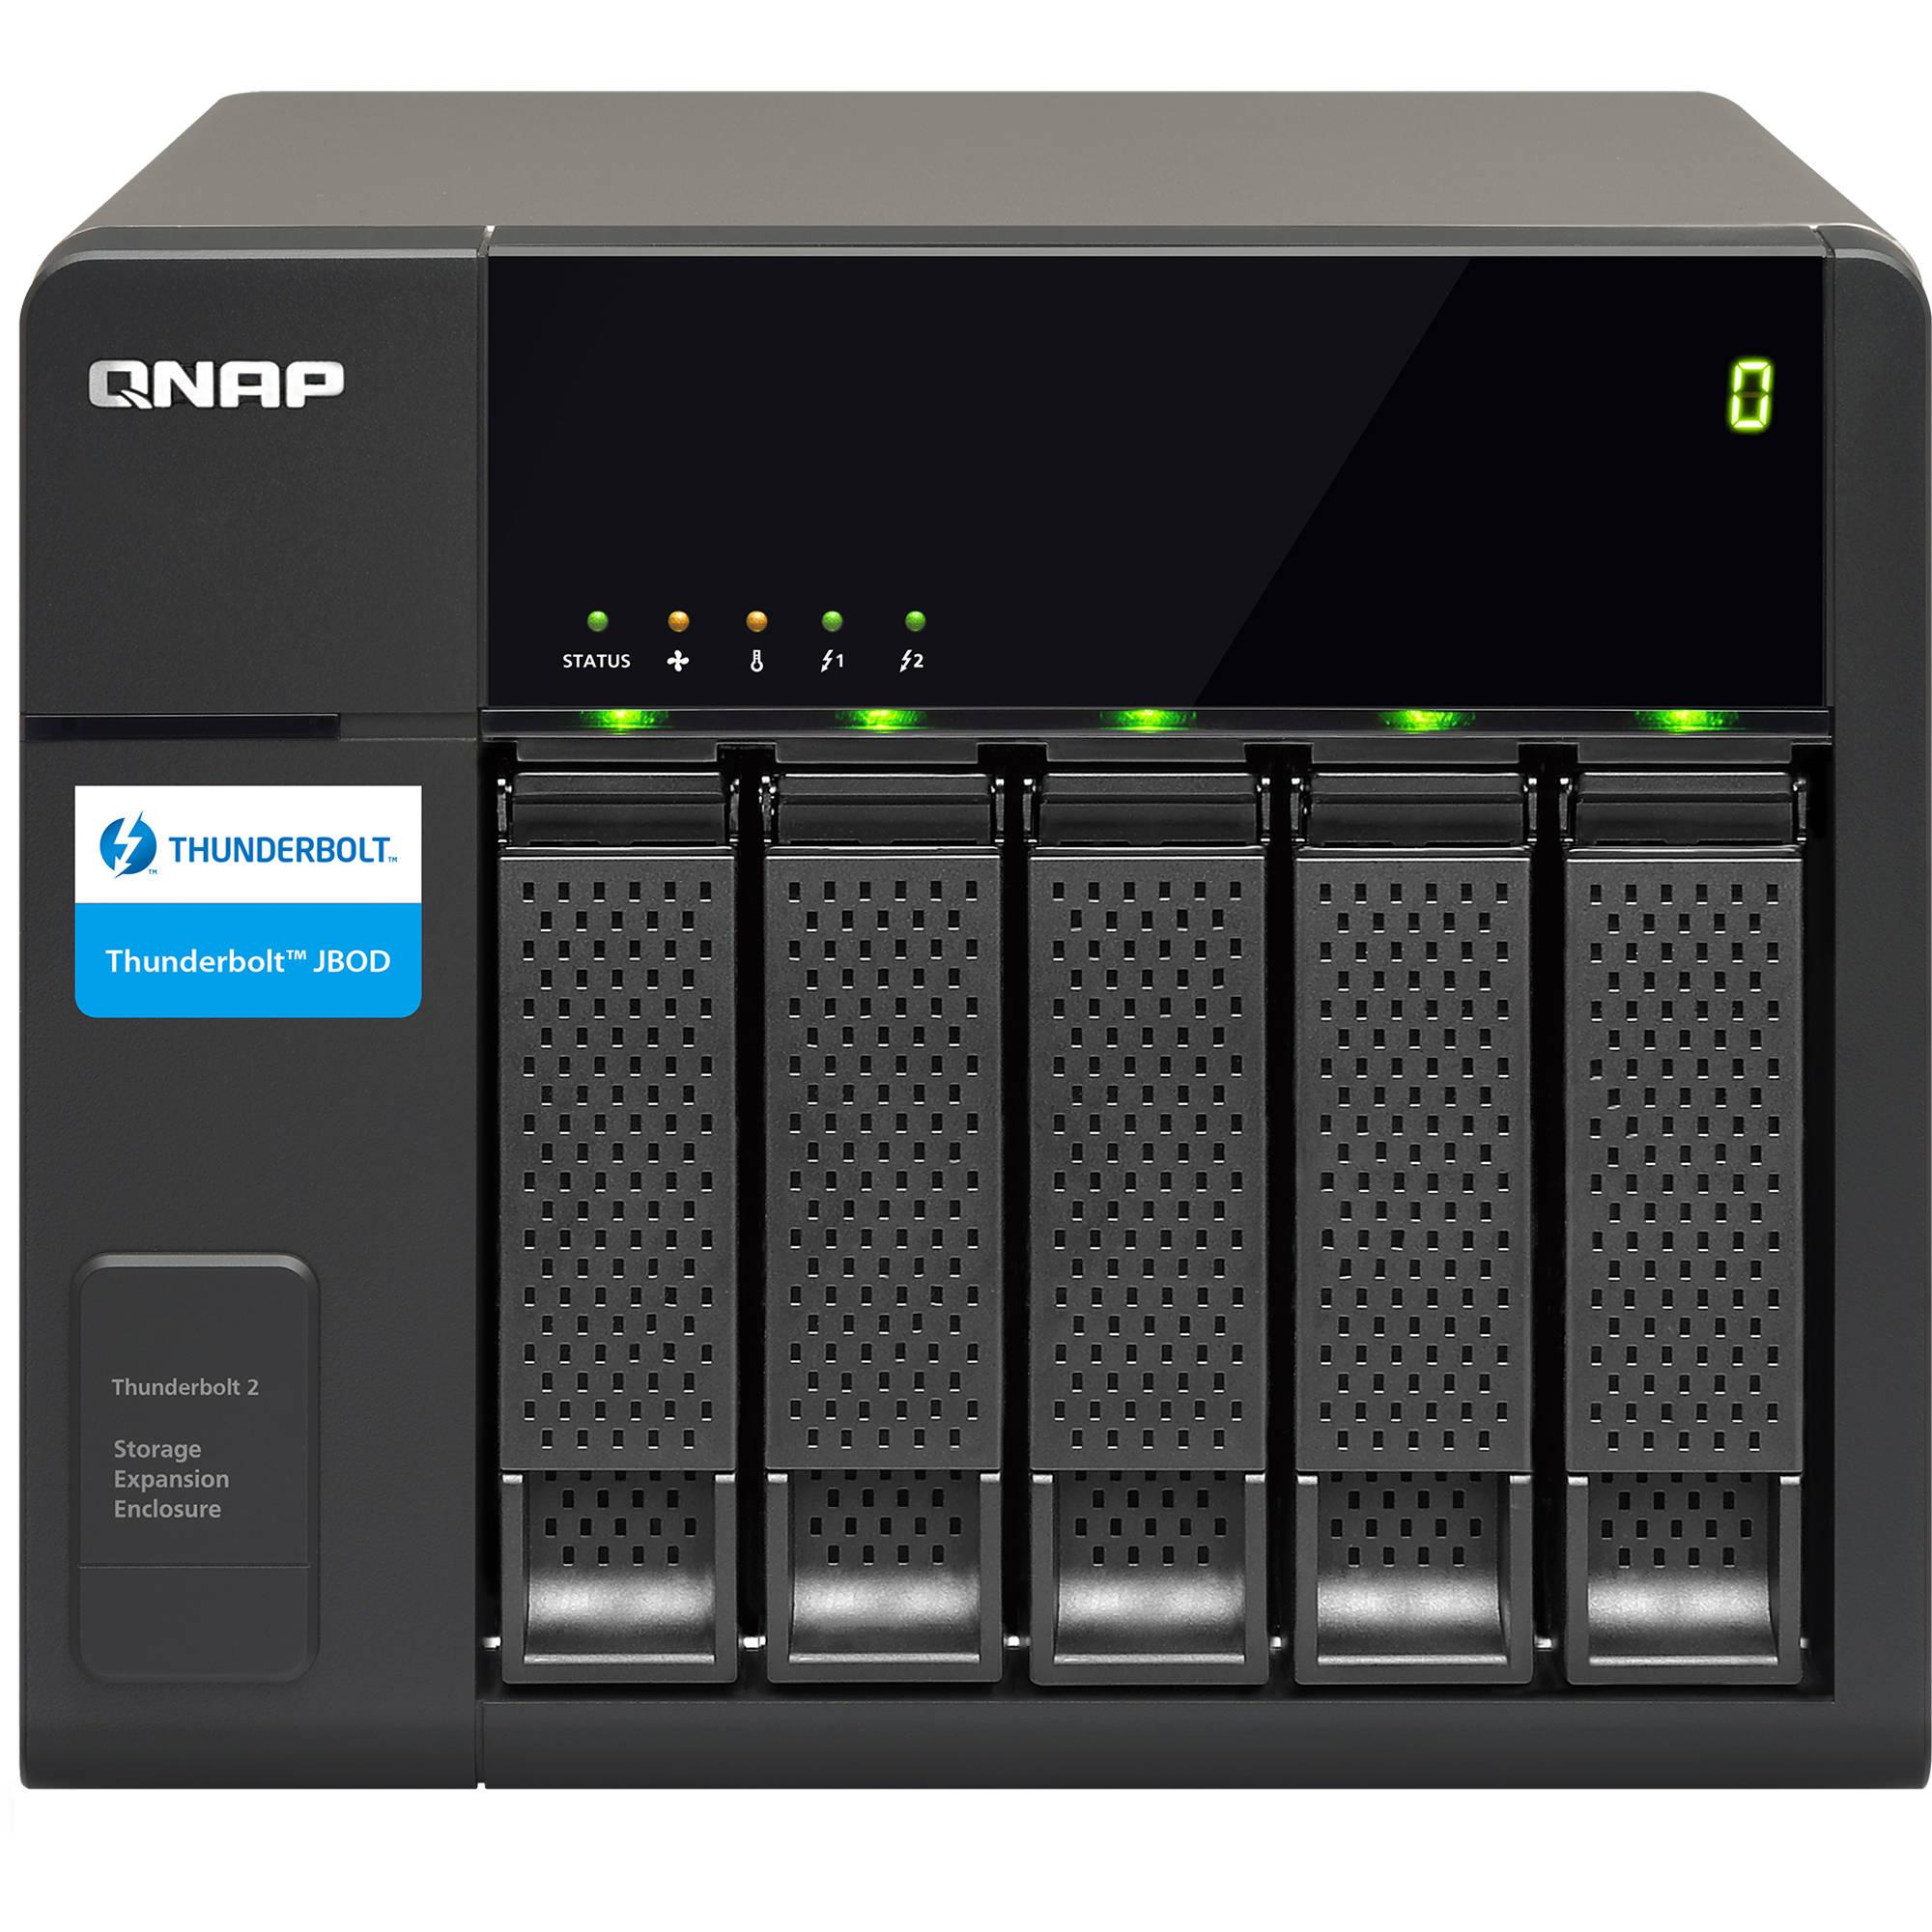 Qnap 5 bay tx 500p thunderbolt 2 expansion enclosure tx Storage bay